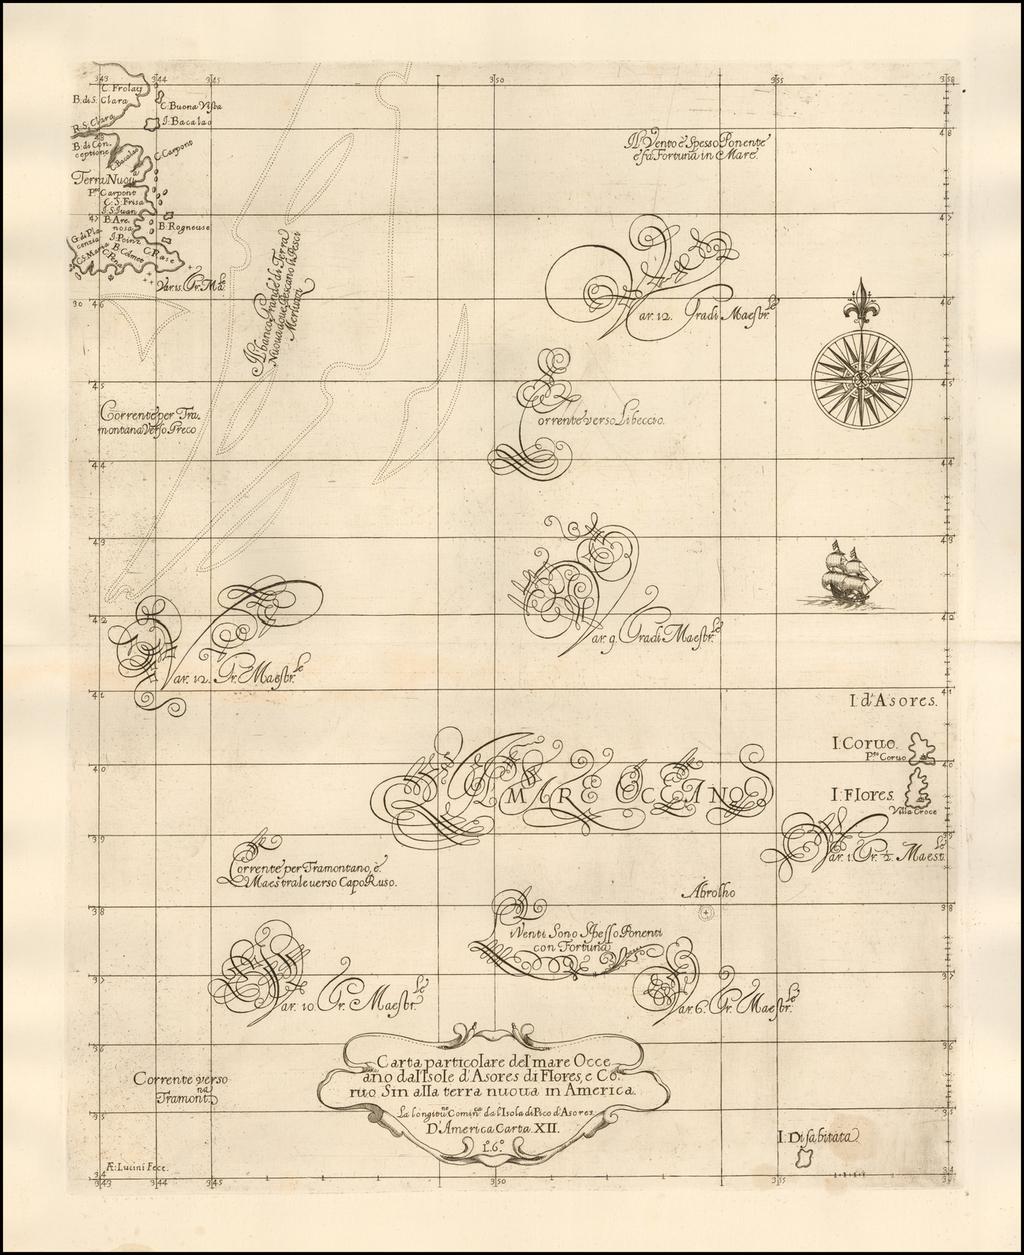 Carta particolare del' mare Occeano dal'Isole d'Asores di Flores, e Coruo Sin alla terra nuova in America By Robert Dudley